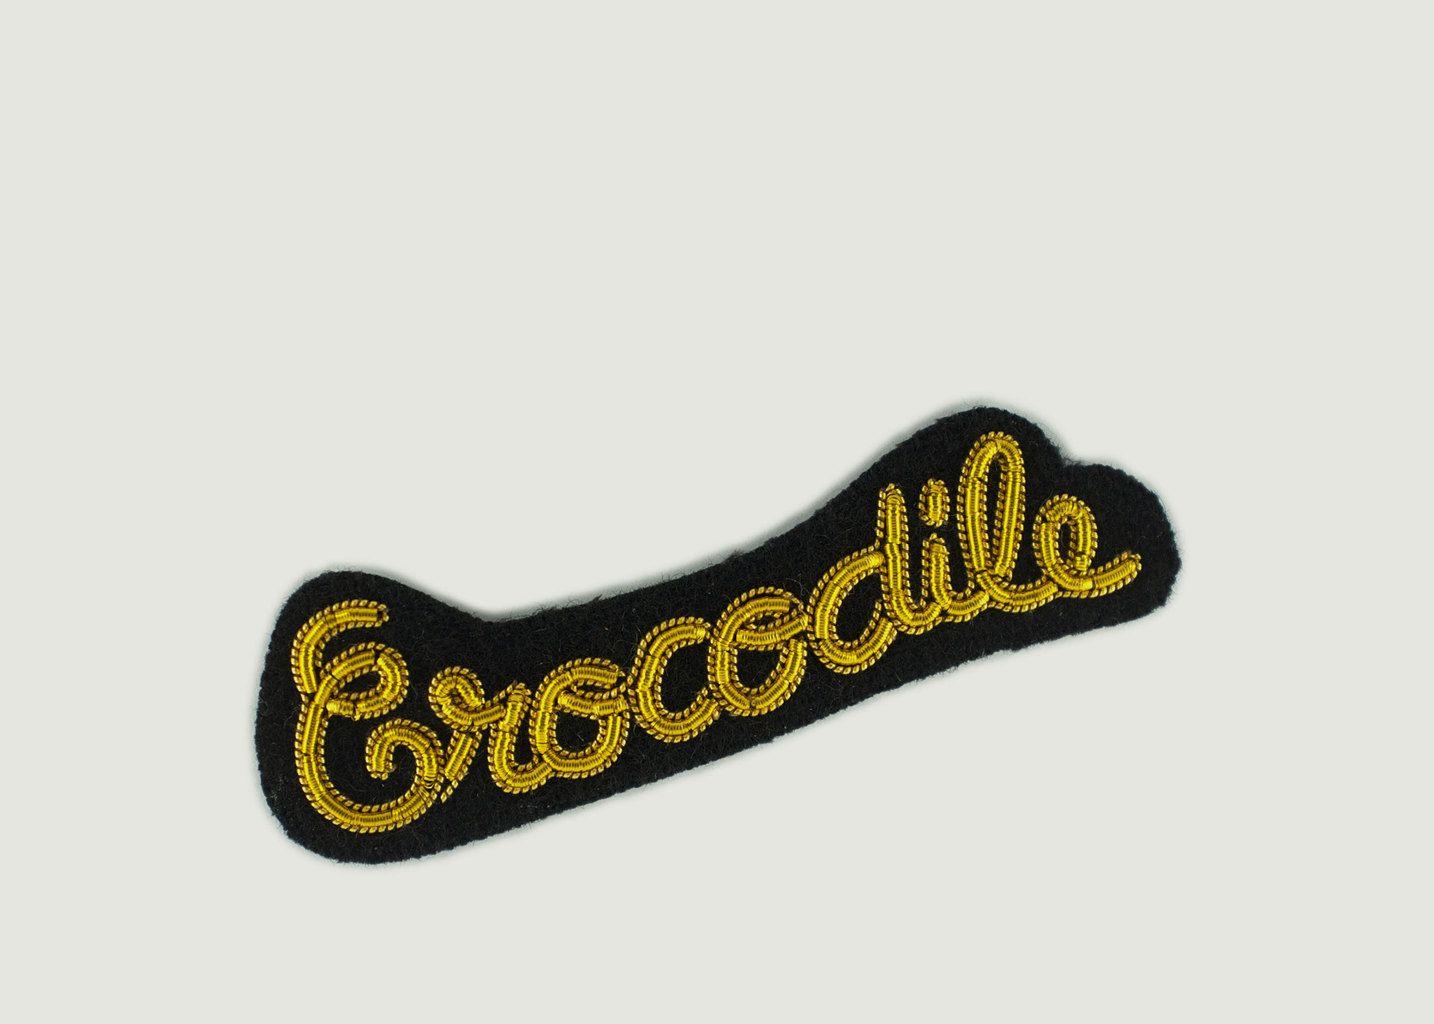 Broche Lettrage Crocodile - Macon & Lesquoy